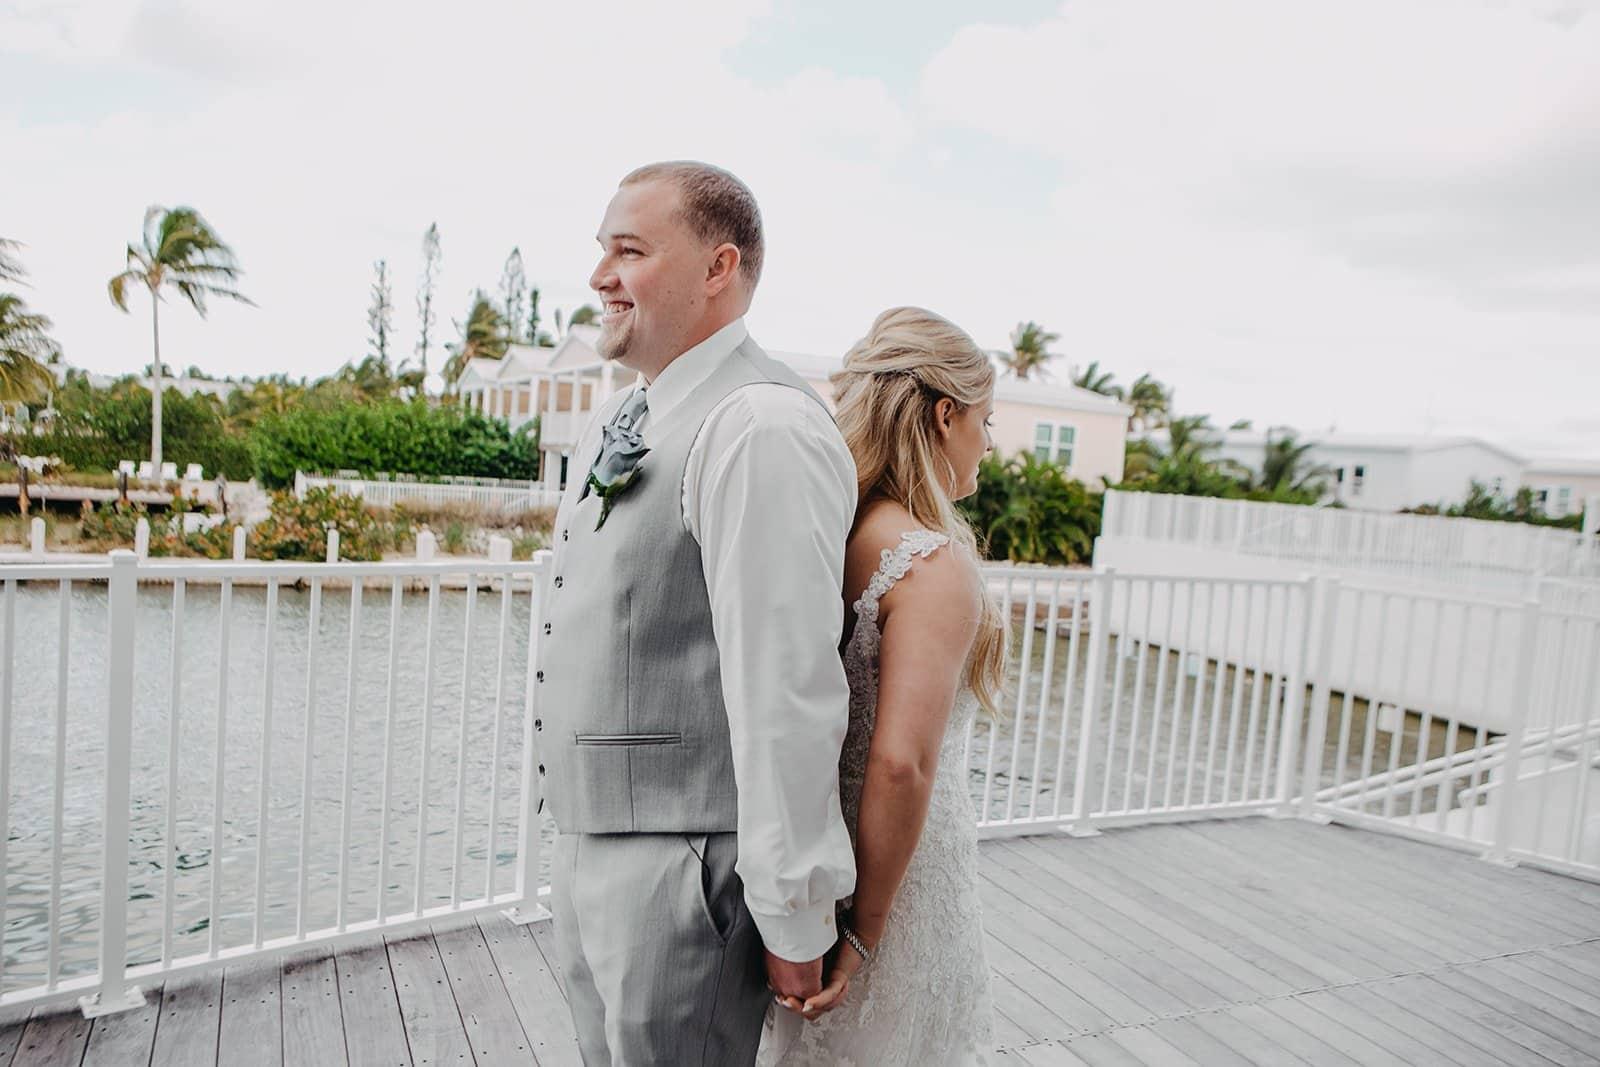 islamorada wedding photographer and videographer